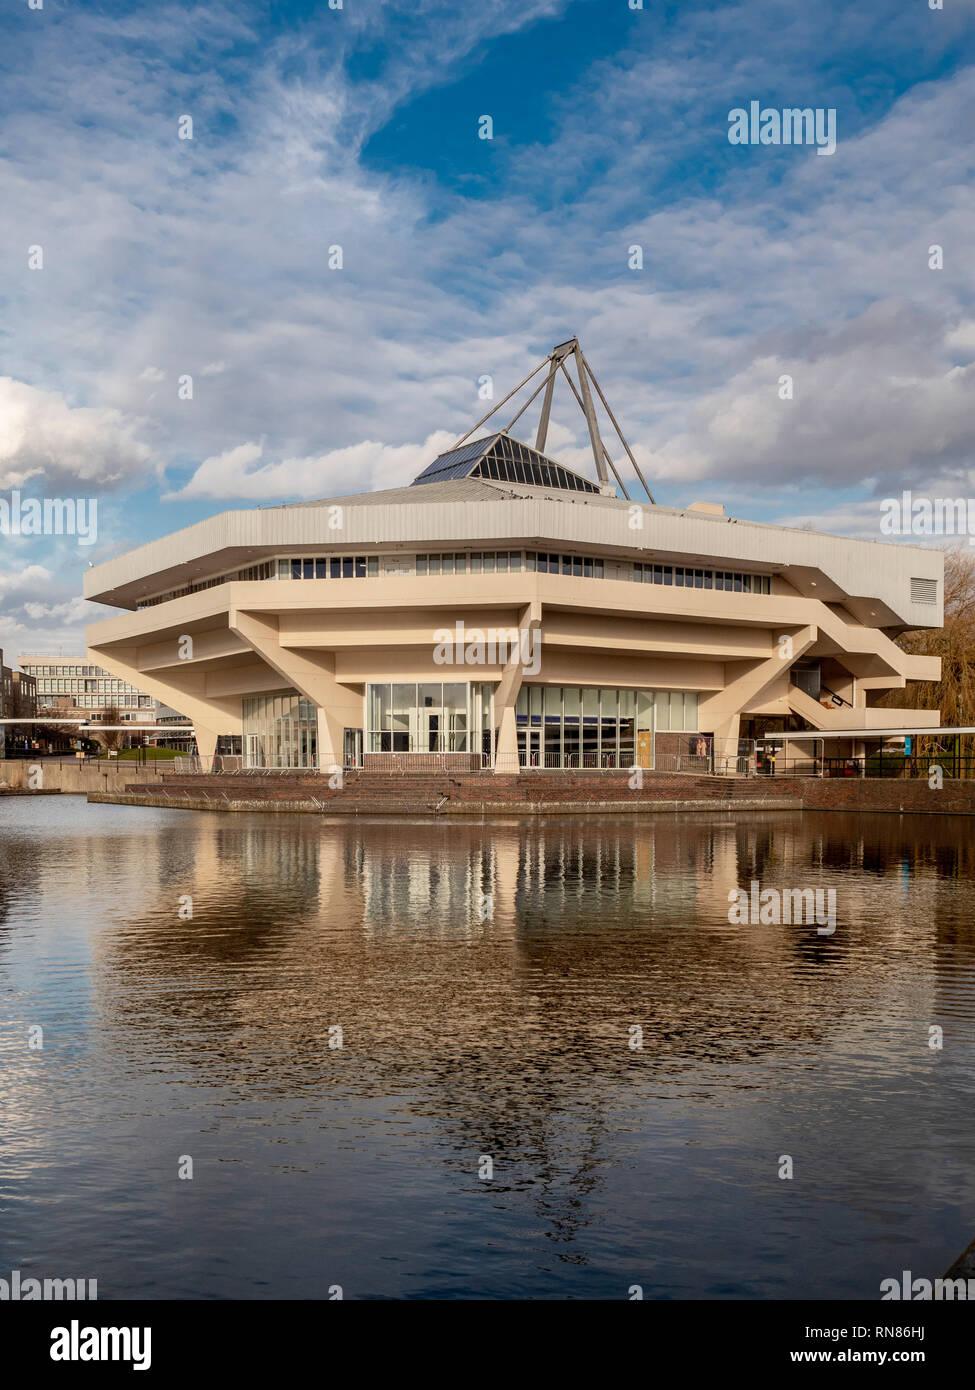 Hall central et le lac à l'Université de York, Royaume-Uni. Exemple de l'Architecture brutaliste des années 60 Photo Stock